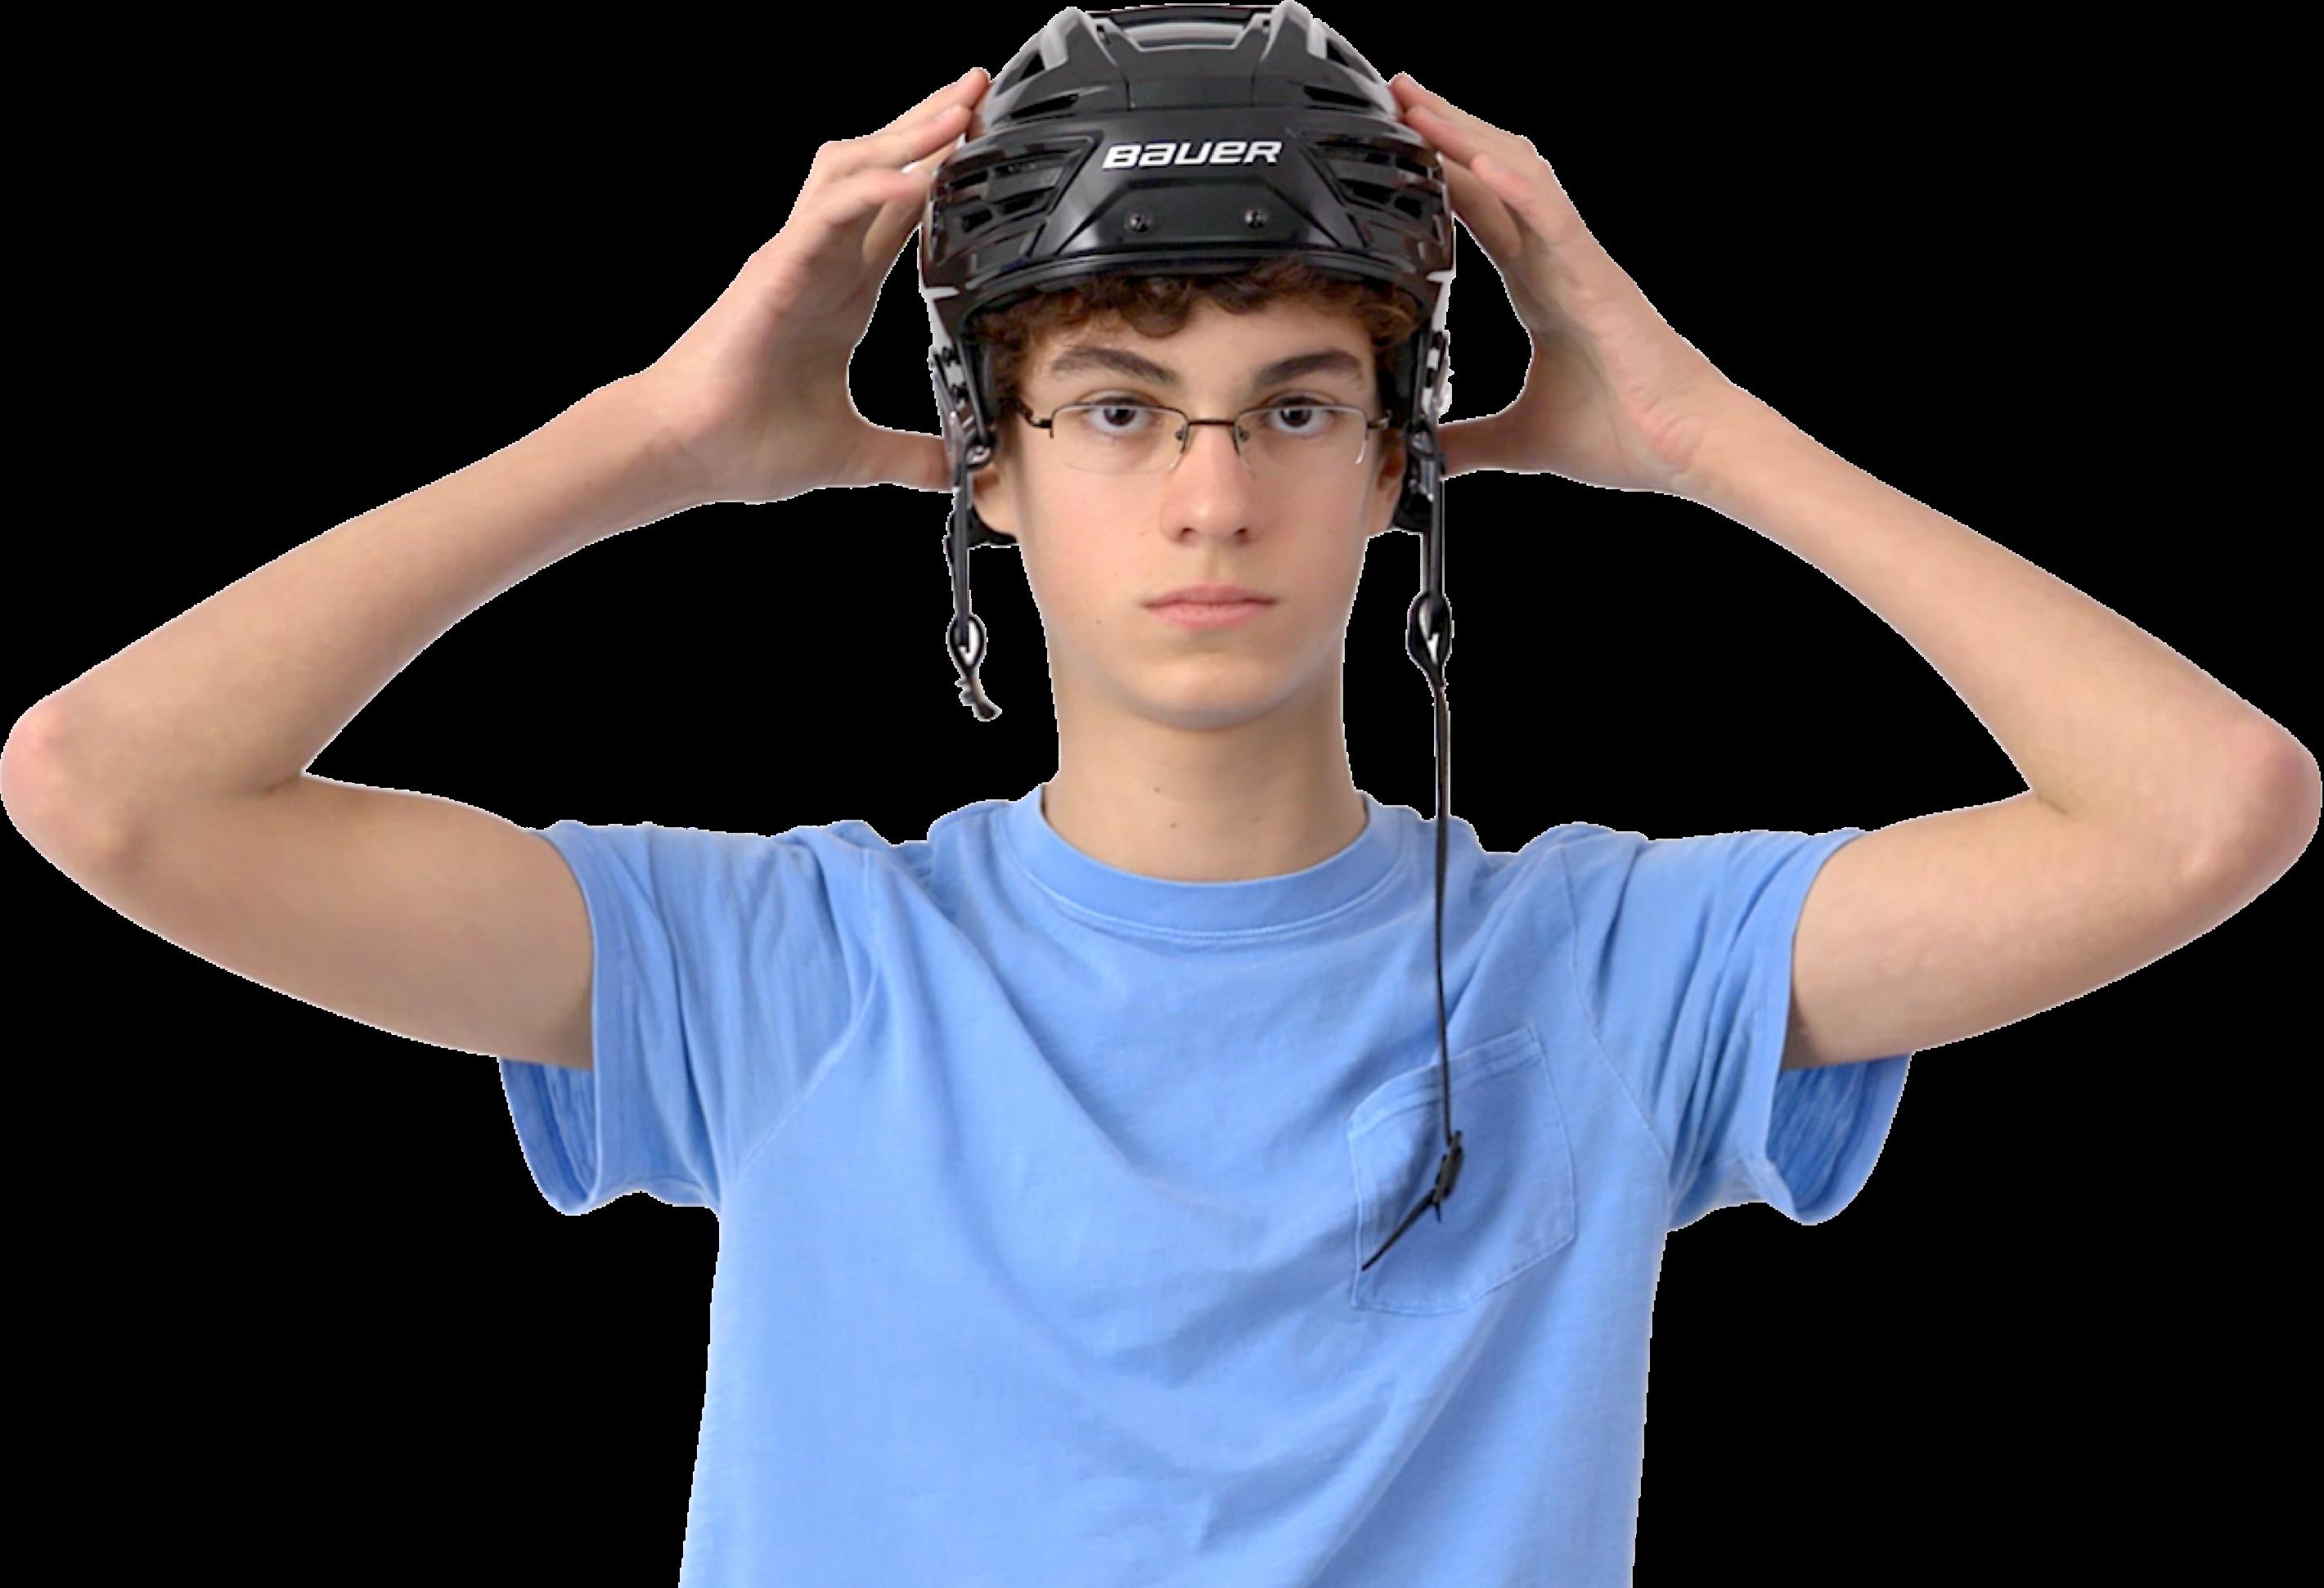 Guy wearing helmet